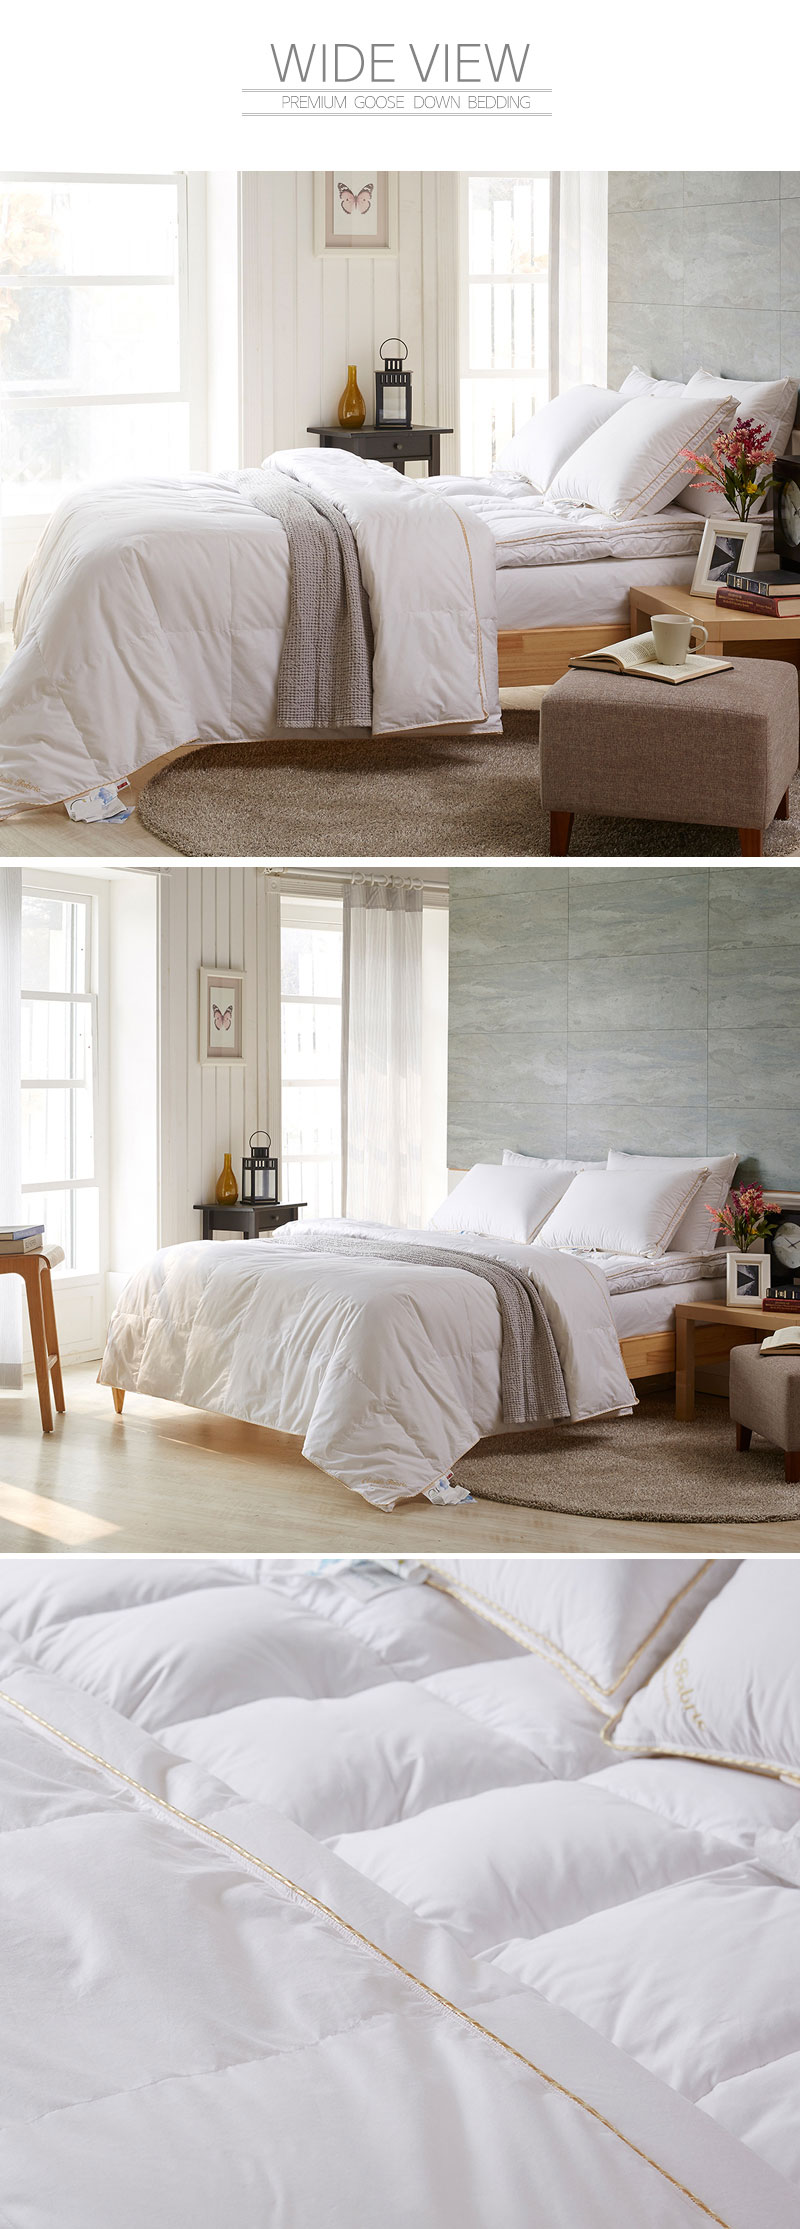 lightweight summer polish goose down 95 comforter quilt blanket duvet goldlabel ebay. Black Bedroom Furniture Sets. Home Design Ideas